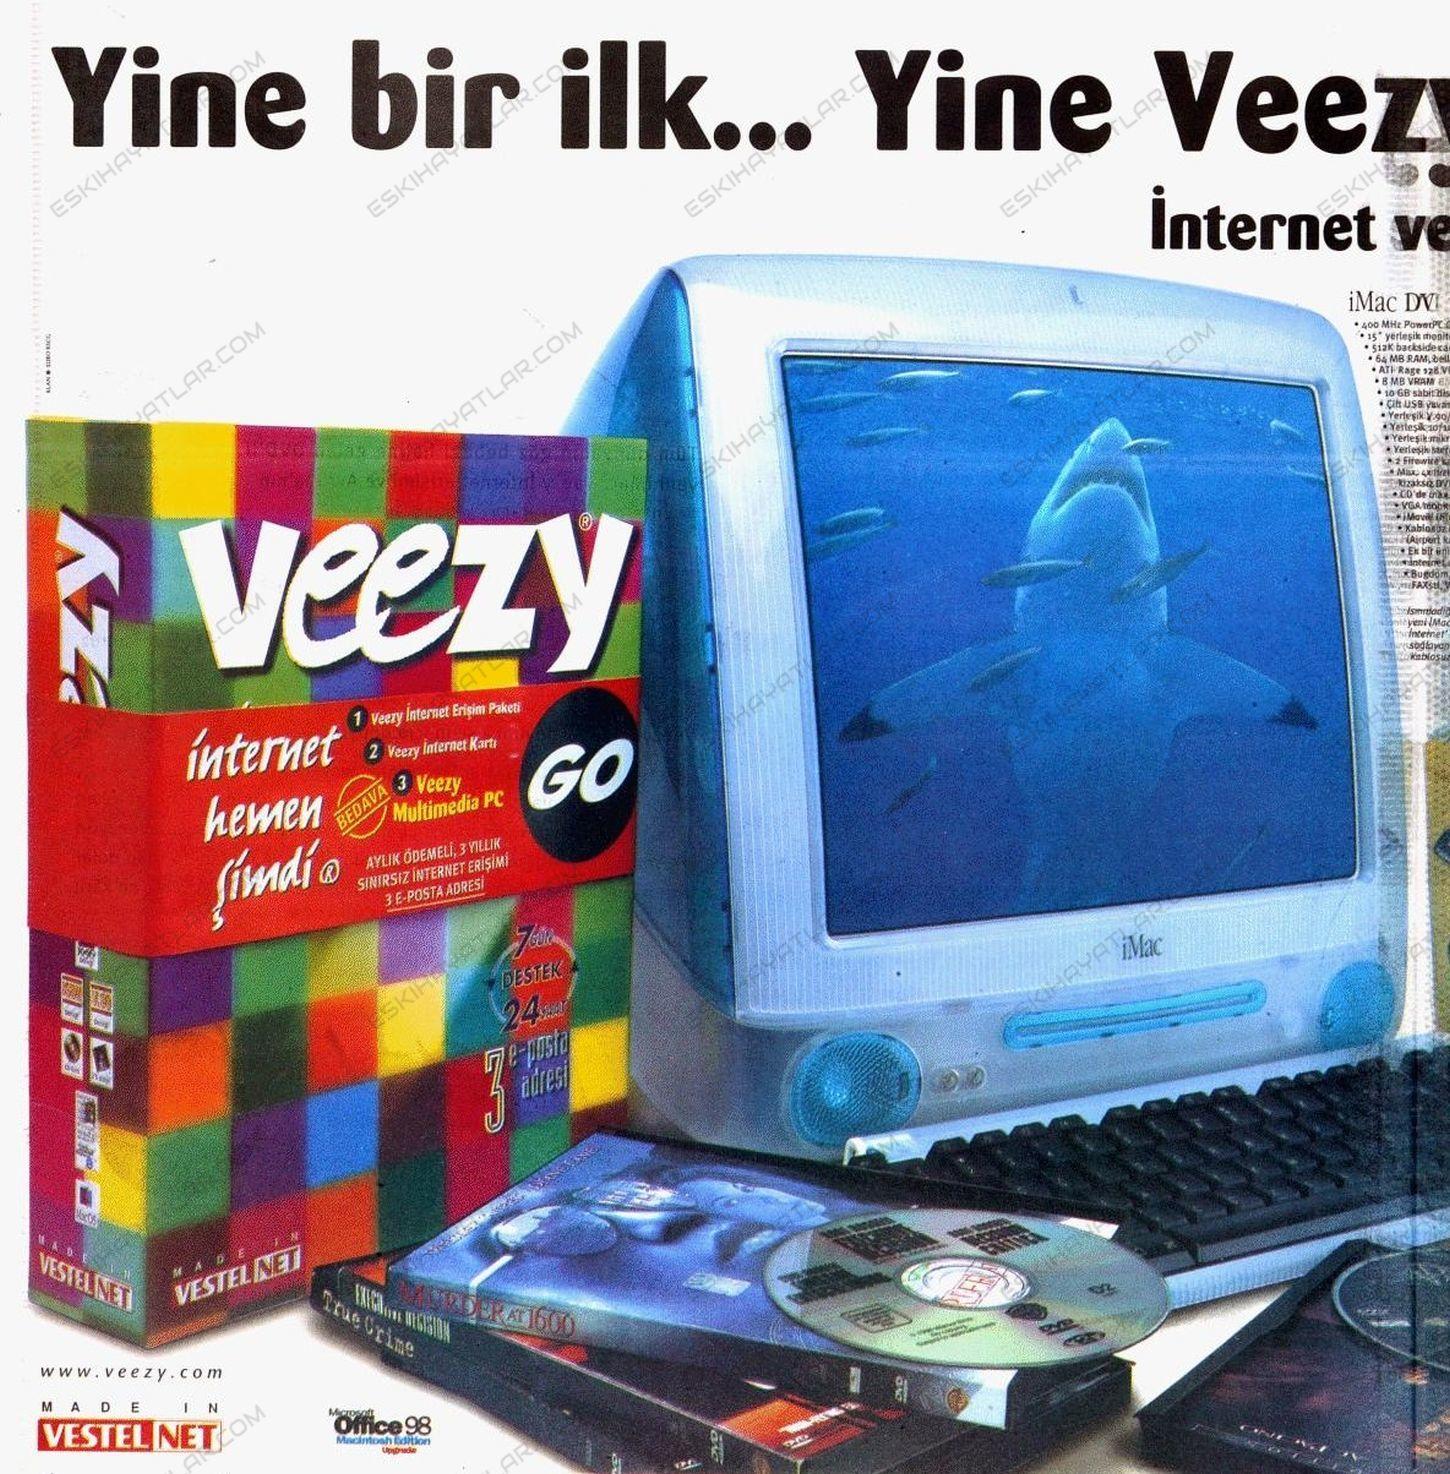 internet-ulkemize-ne-zaman-geldi-turkiyede-internet-25-yasinda (43)